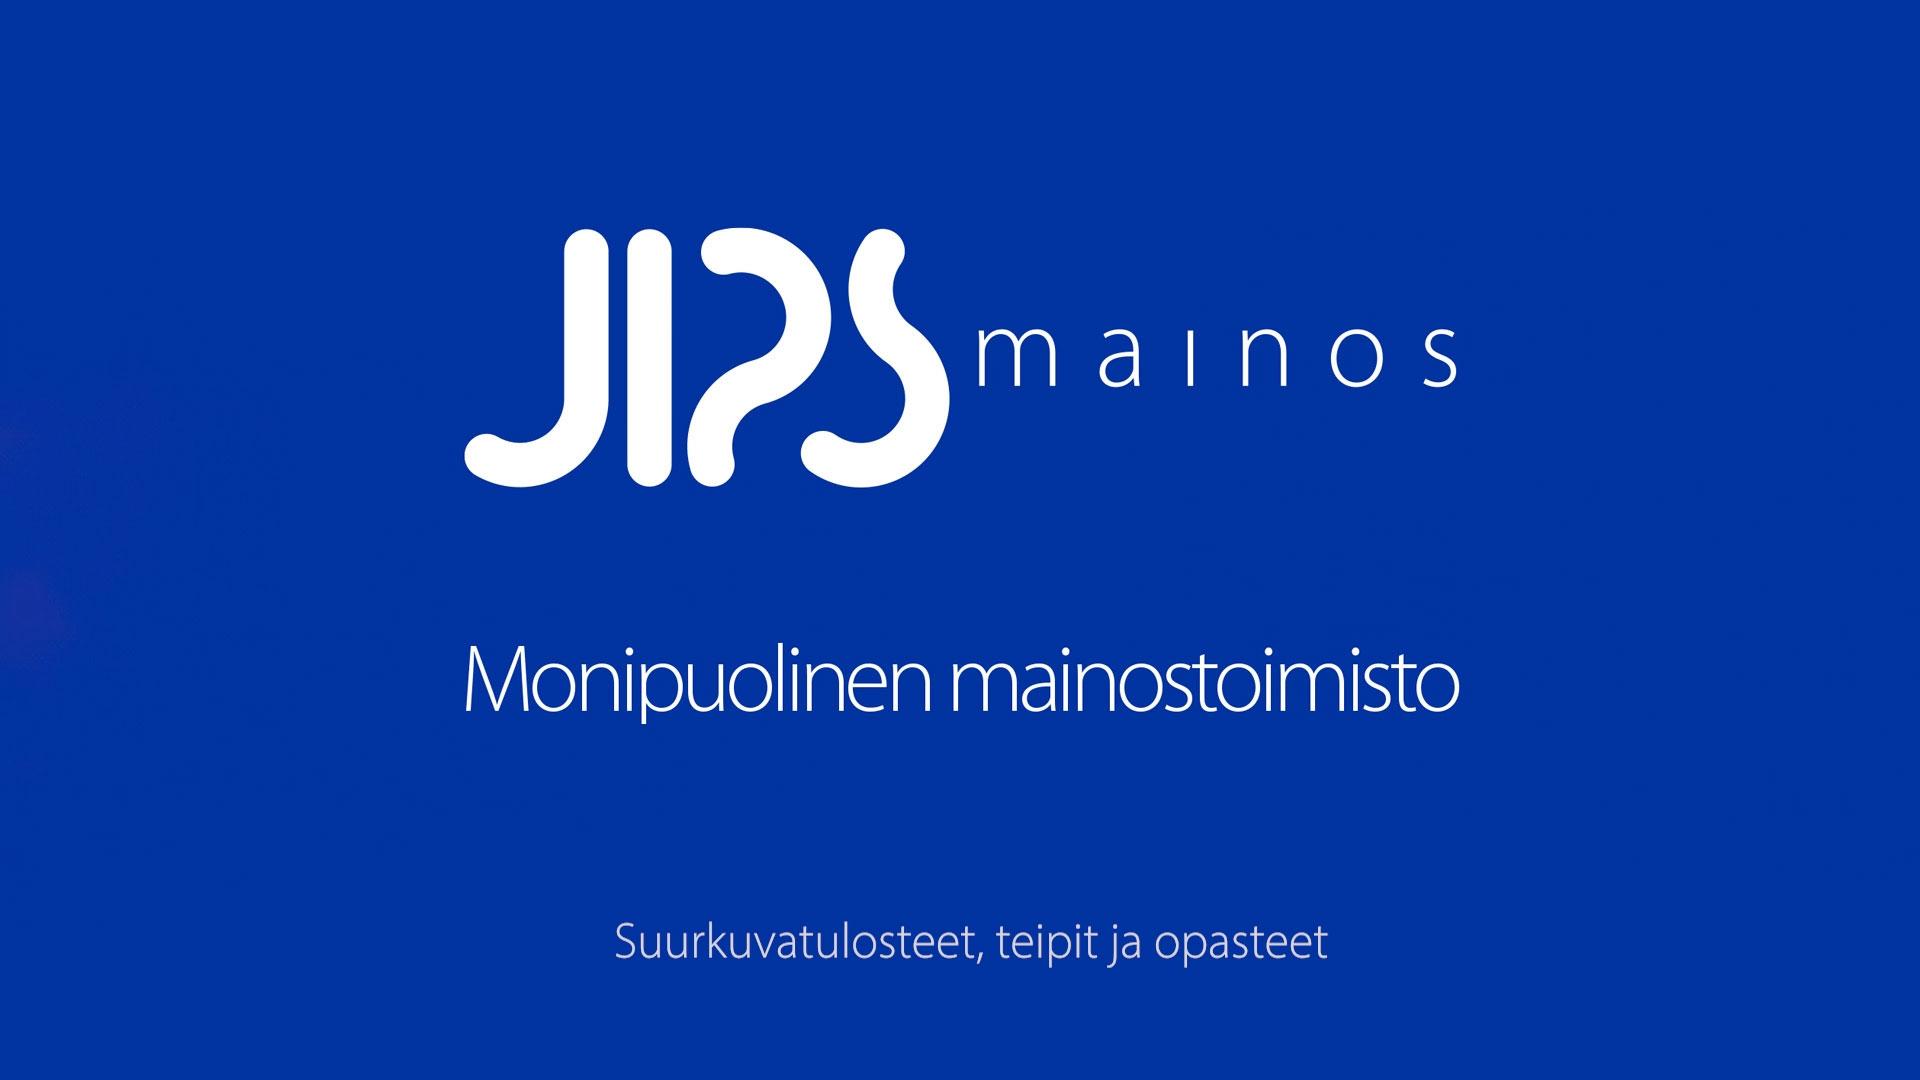 jips-suurkuvatulosteet-teipit-opasteet